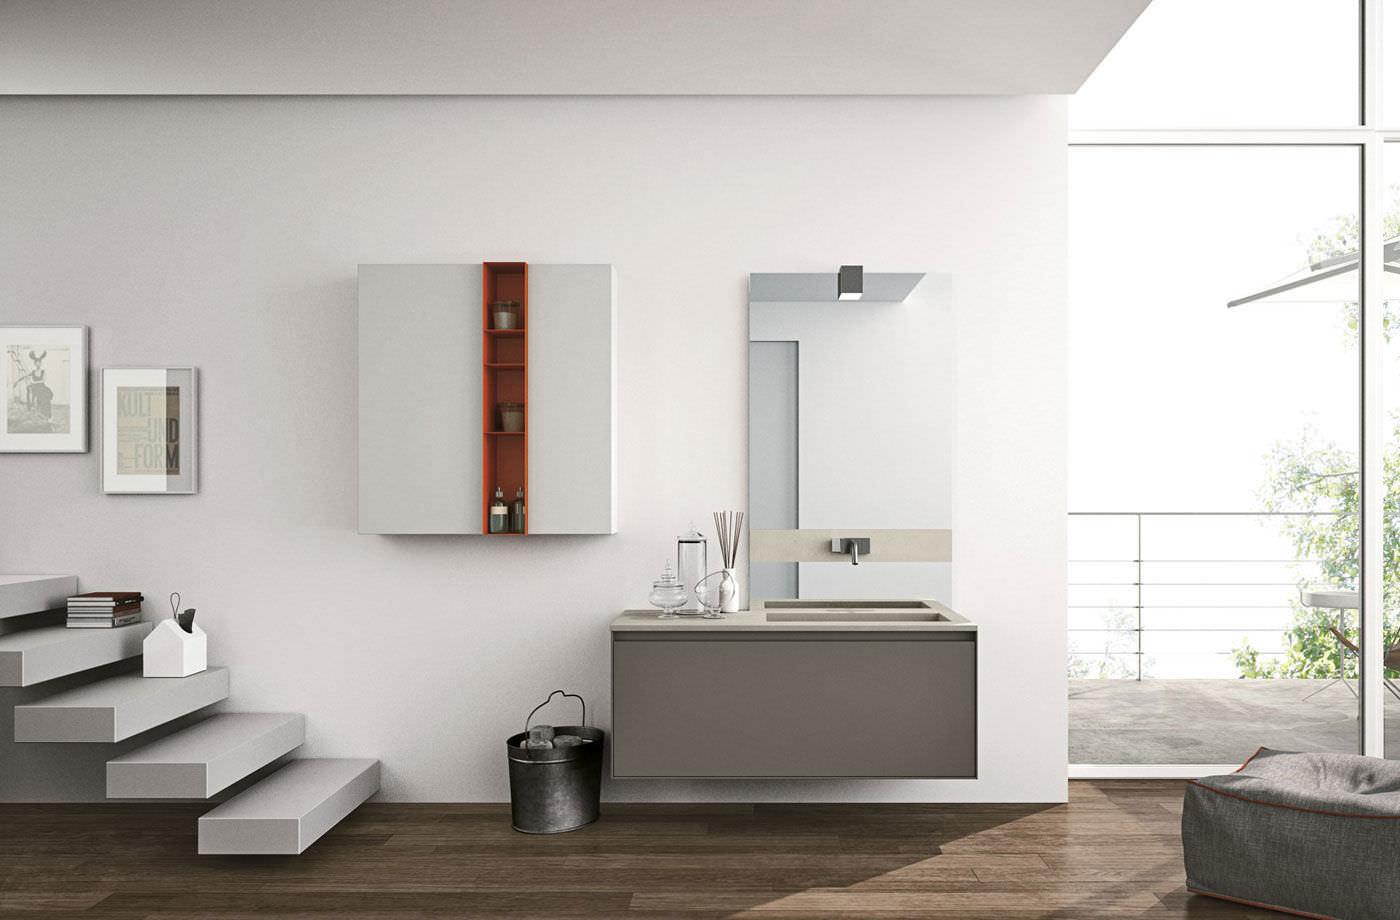 armadio da bagno aria by willy dalto altamarea